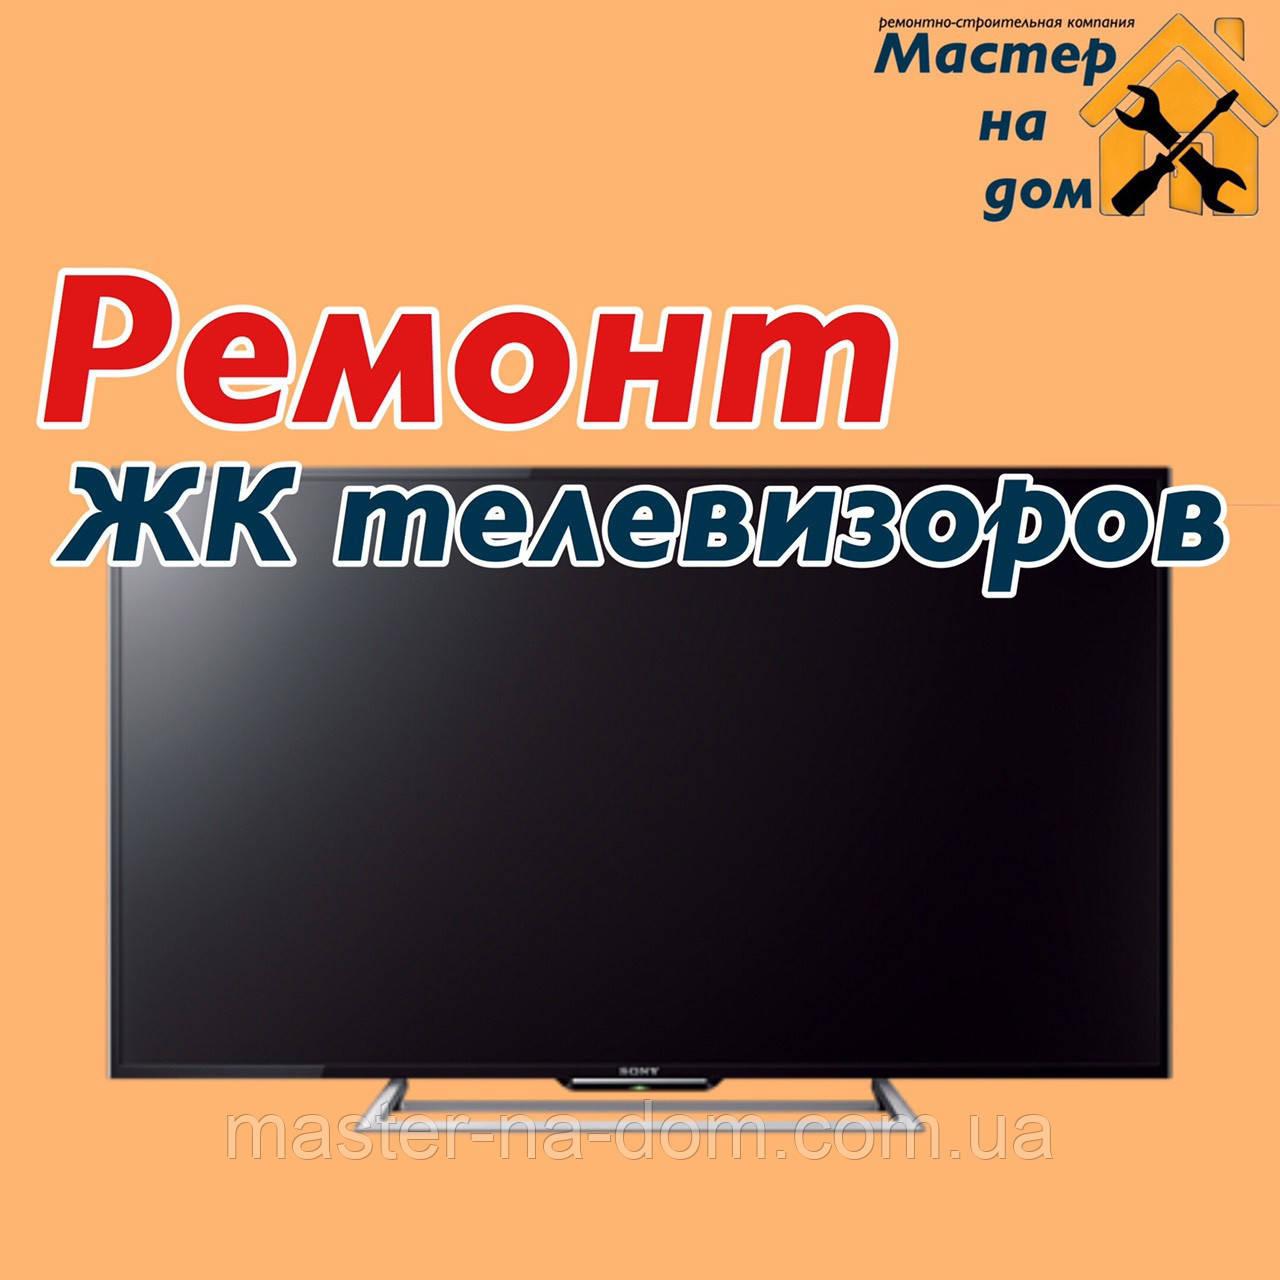 Ремонт ЖК телевизоров на дому в Житомире